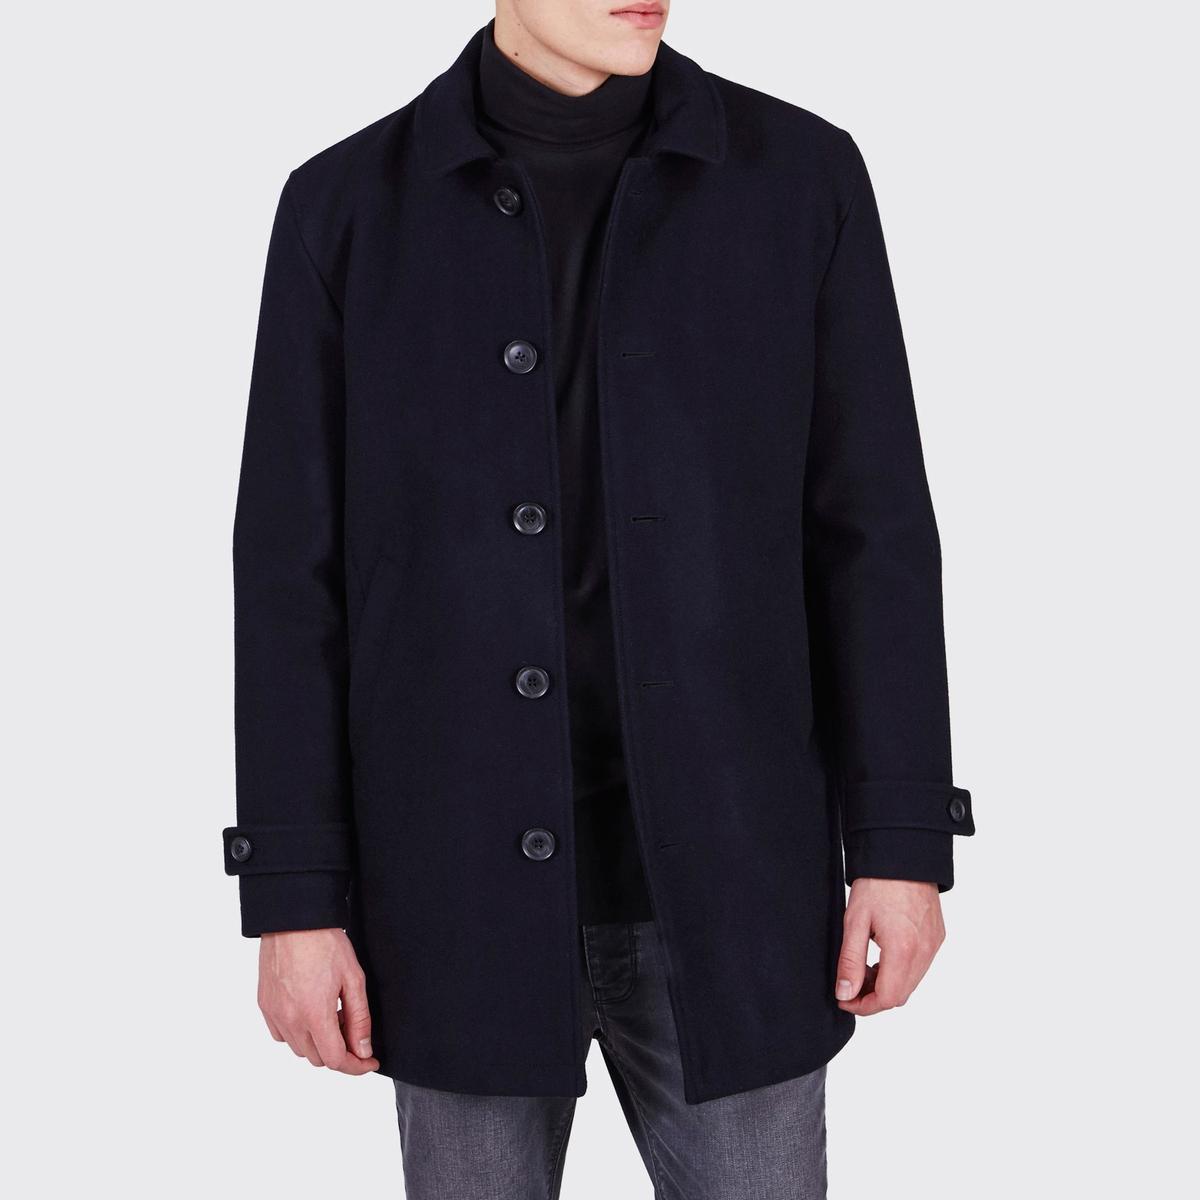 Пальто-жакет Jenkings, 50% шерстиСостав и описание:Материал: 50% шерсти, 50% полиэстера.Марка: MINIMUM.<br><br>Цвет: темно-синий<br>Размер: L.XL